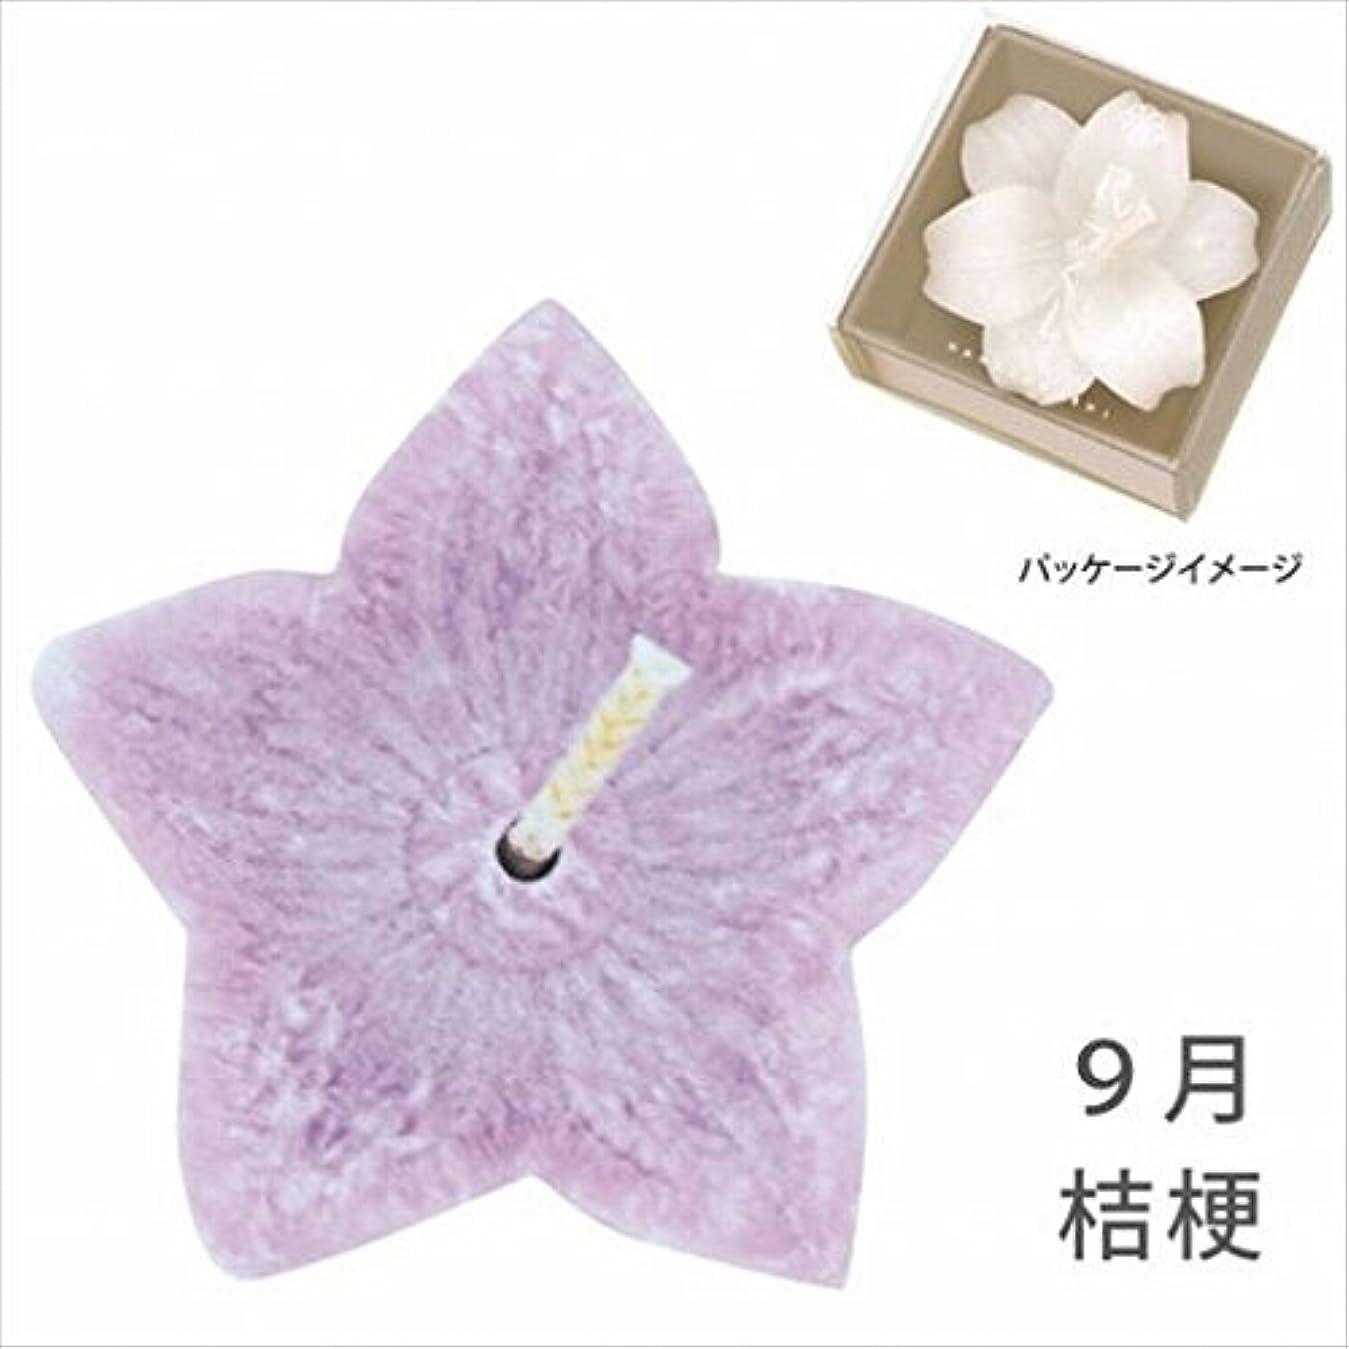 遠いホイットニー高度カメヤマキャンドル( kameyama candle ) 花づくし(植物性) 桔梗 「 桔梗(9月) 」 キャンドル